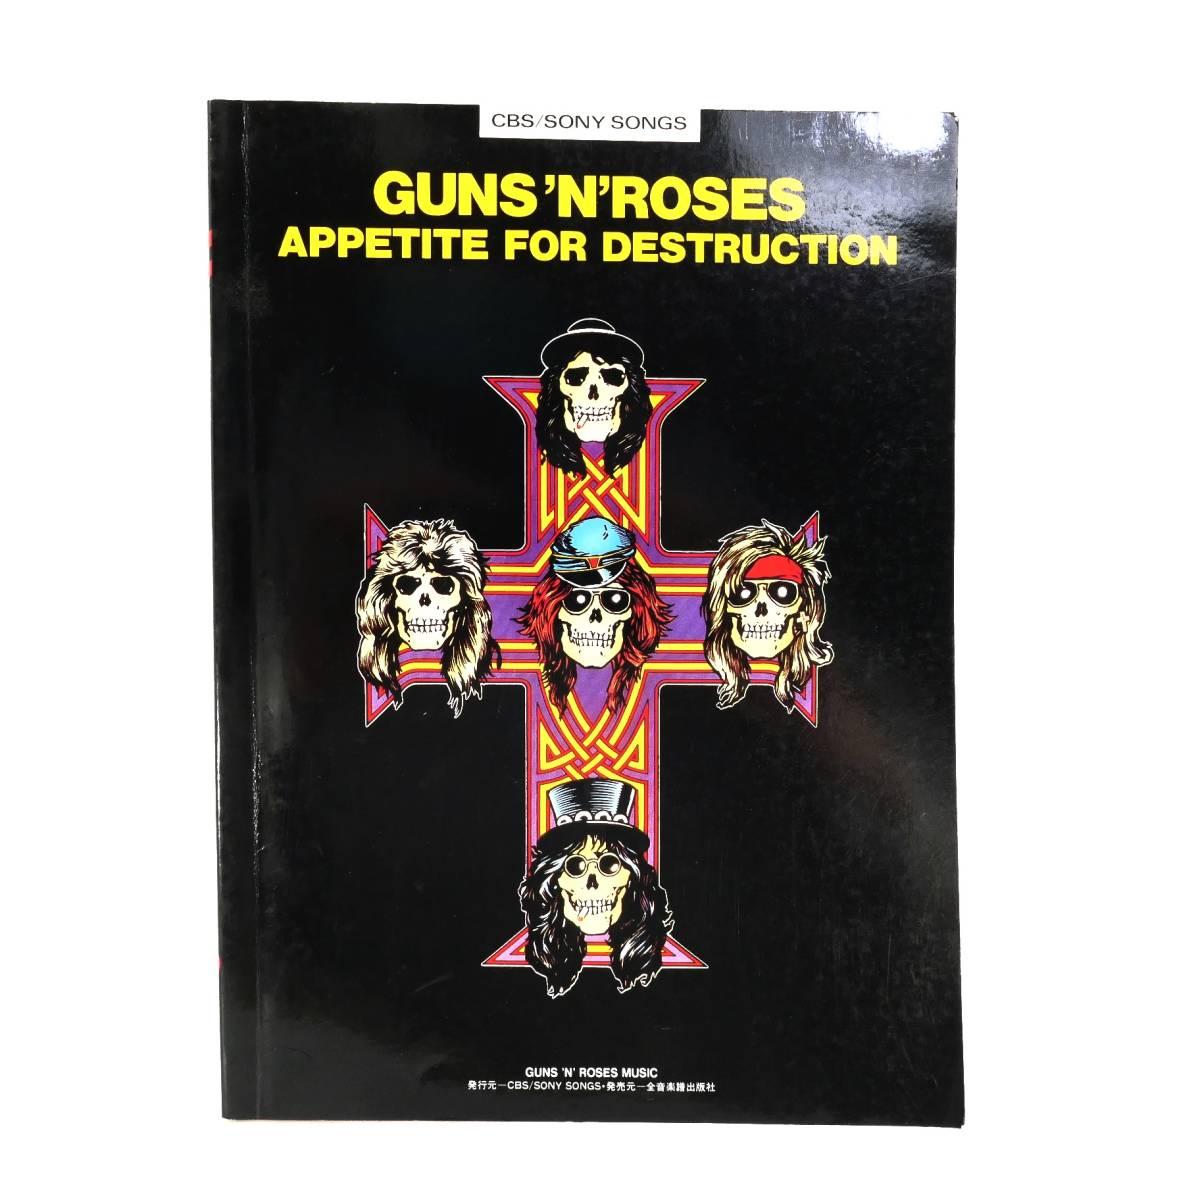 バンドスコア GUNS N' ROSES ガンズアンドローゼズ 2冊セット Appetite For Destruction アペタイトフォーディストラクション GN'R LIES_画像3